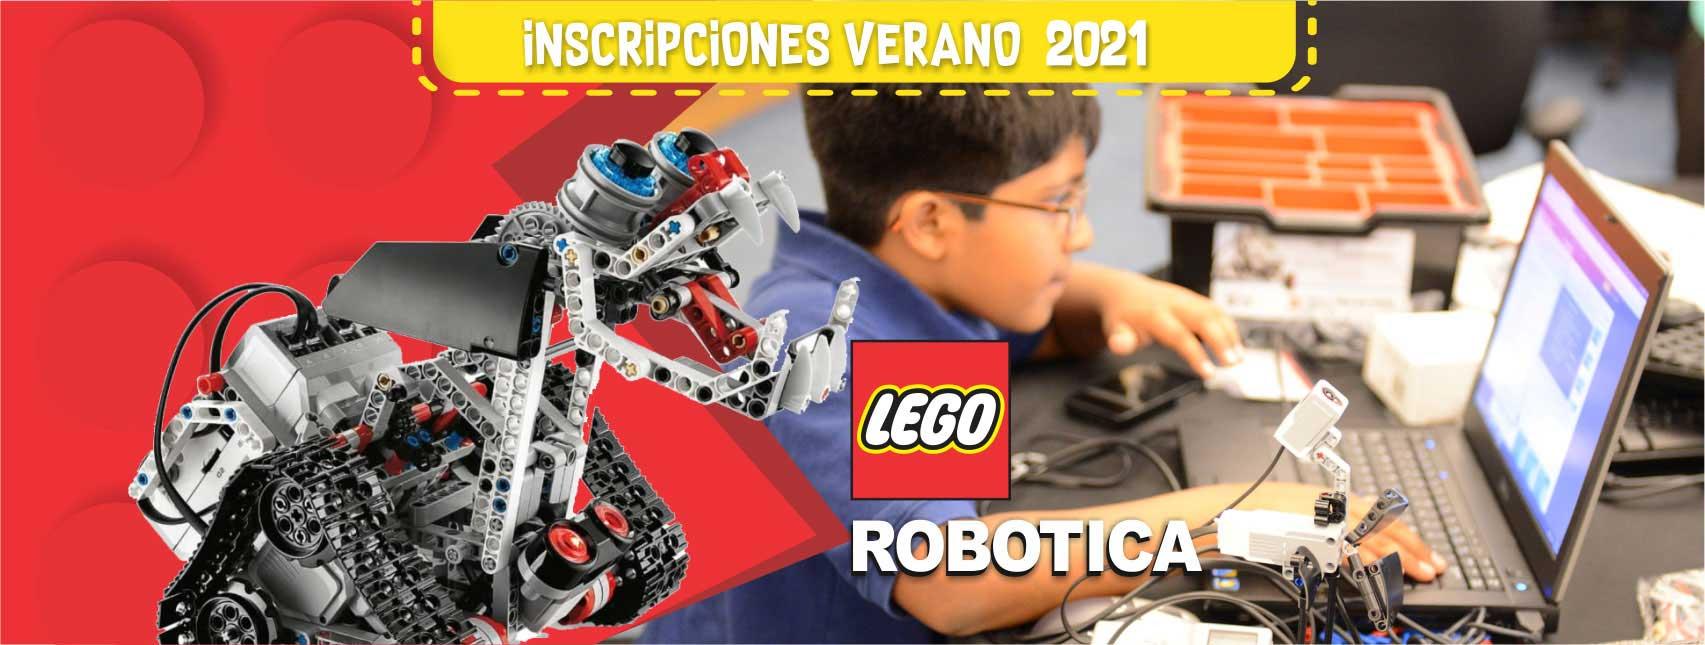 taller de robotica para jóvenes